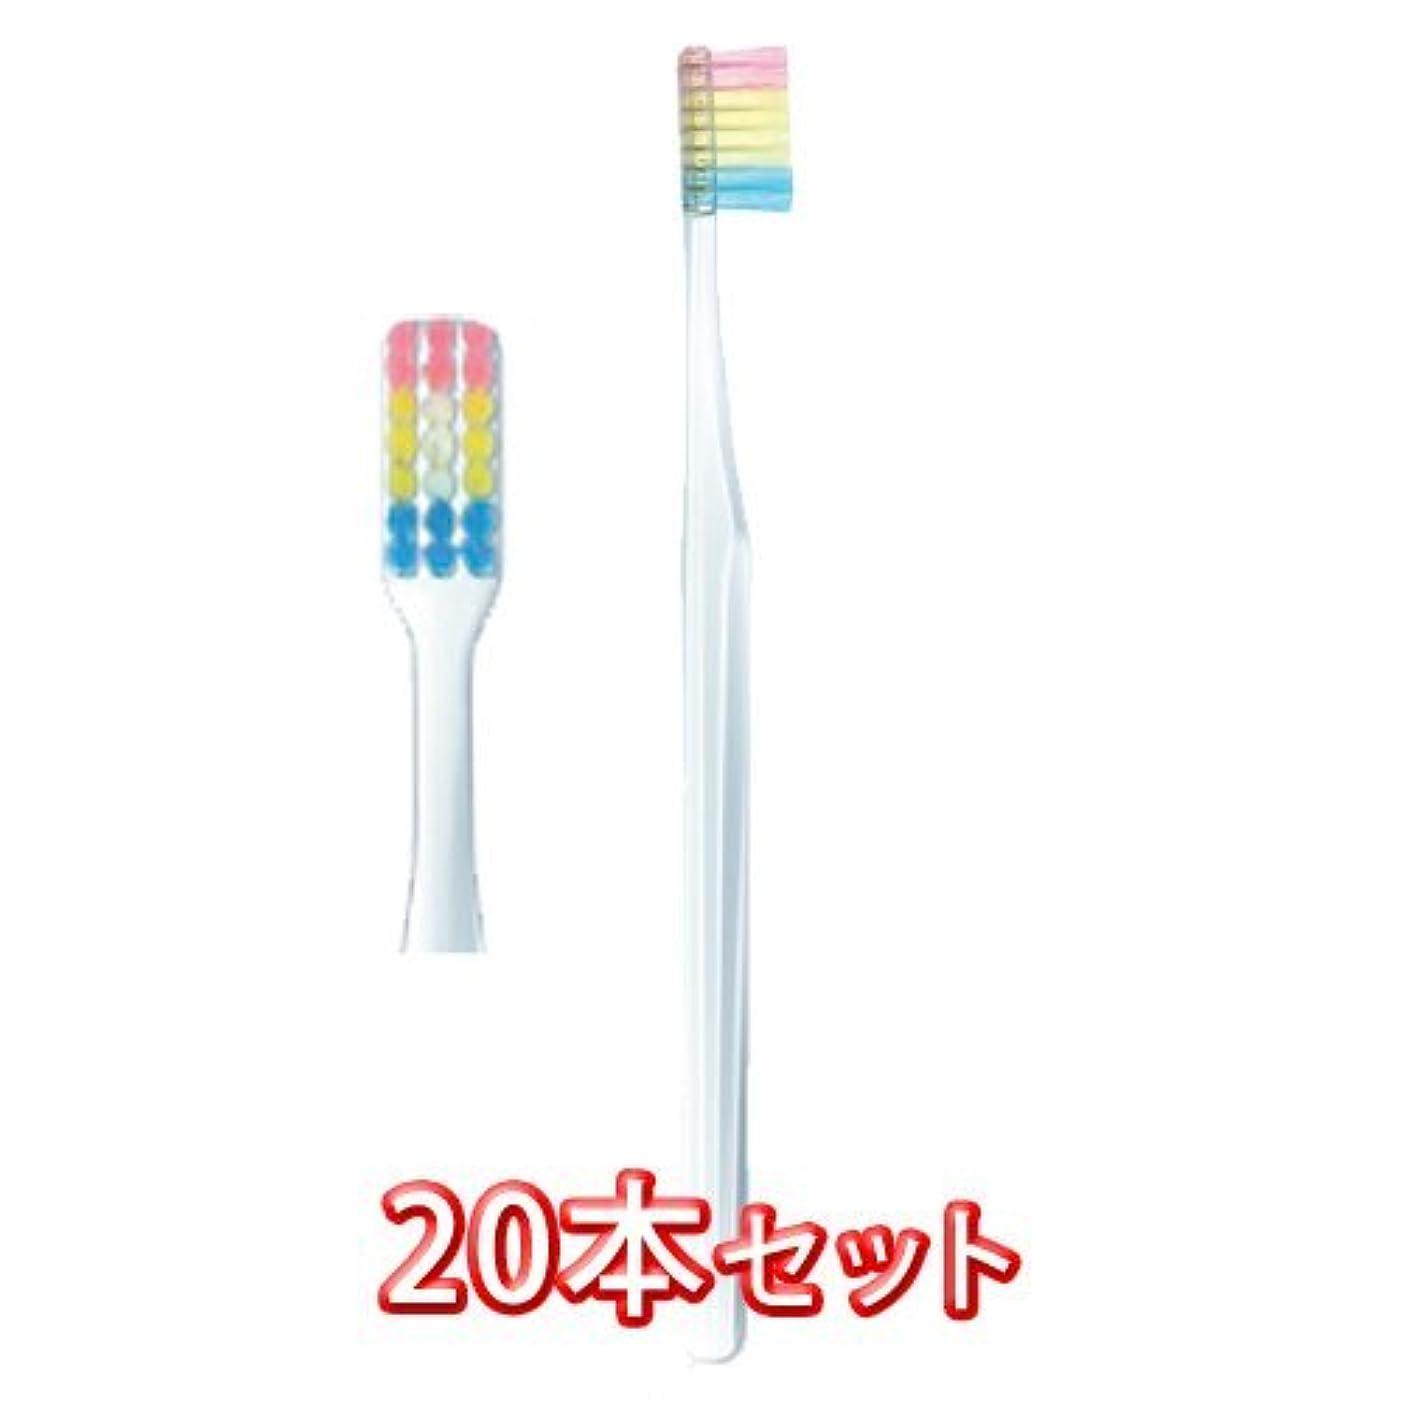 顕微鏡悲惨な備品プロスペック 歯ブラシ ヤング 20本入 フォーレッスン 毛の硬さふつう